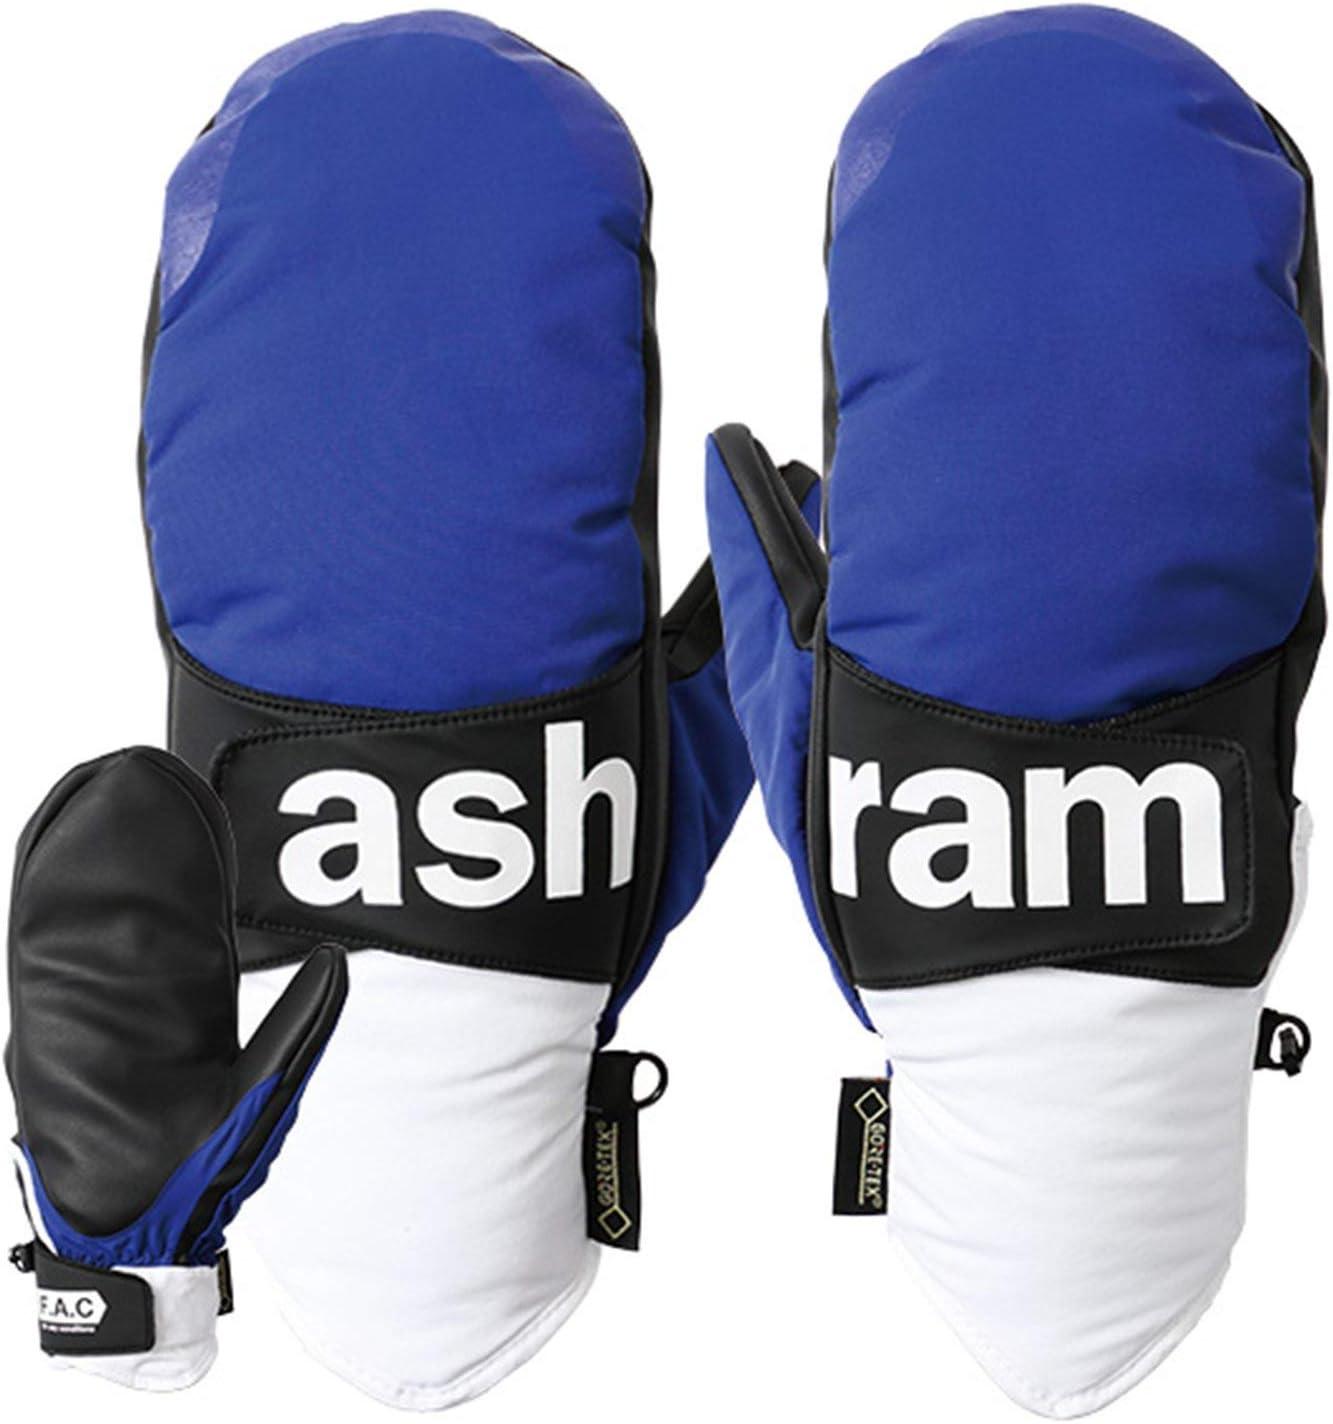 ASHRAM アシュラム スノーボード グローブ ASRM18W09 18-19モデル メンズ PHOEBE 青 Medium